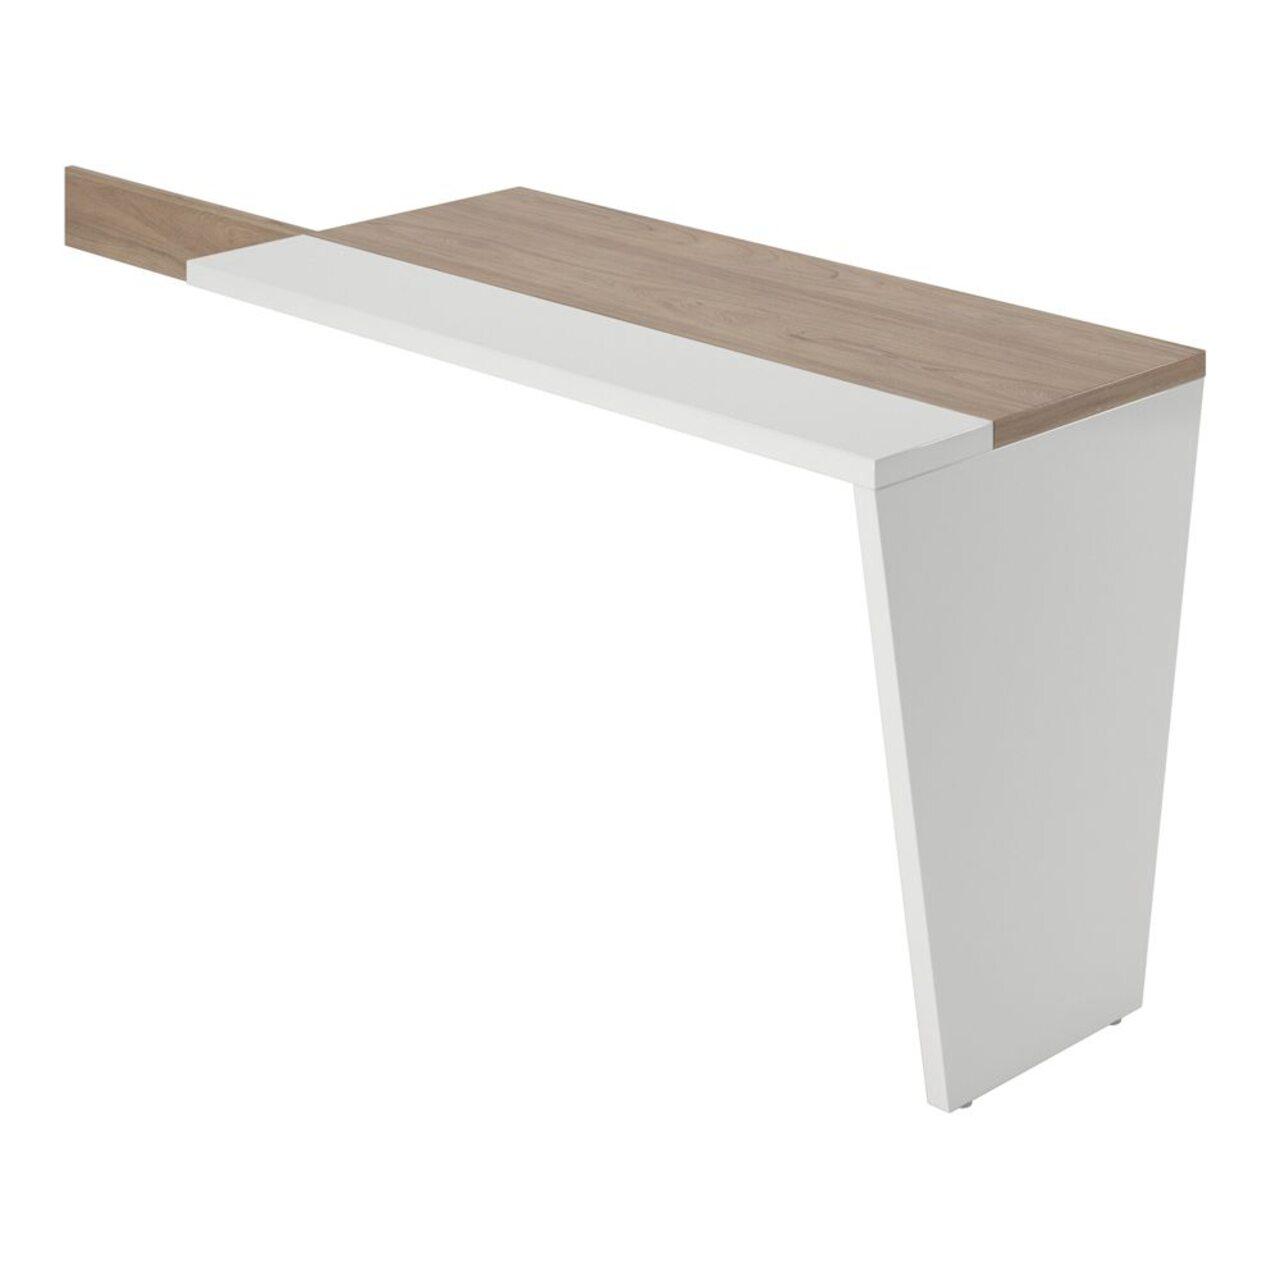 Приставной стол левый  ASTI 120x60x75 - фото 1